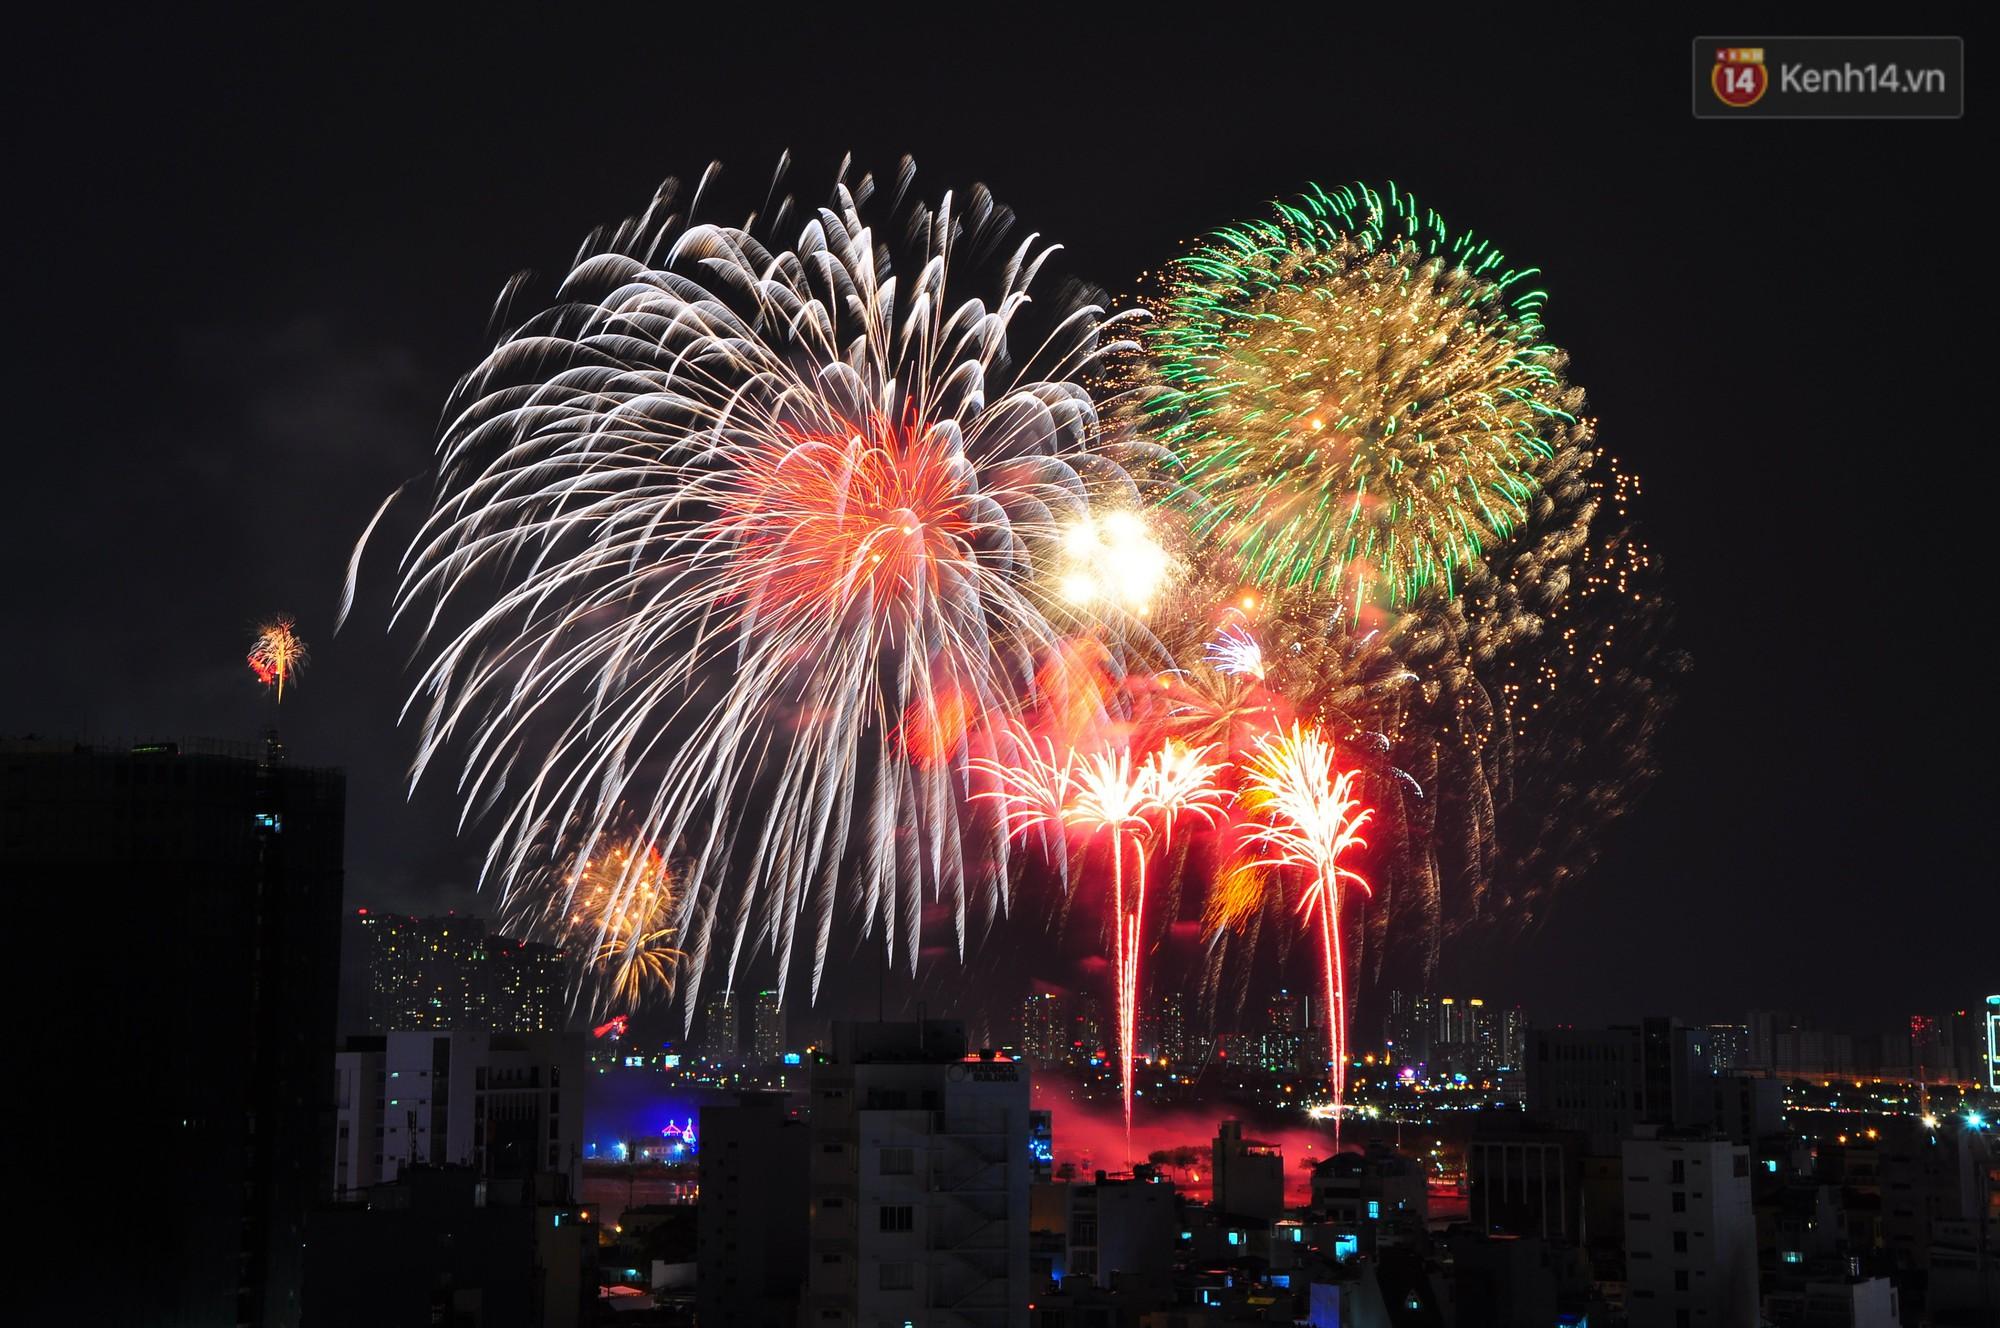 Loạt pháo hoa đẹp rực rỡ trên bầu trời Sài Gòn mừng 44 năm Giải phóng miền Nam thống nhất đất nước - Ảnh 1.